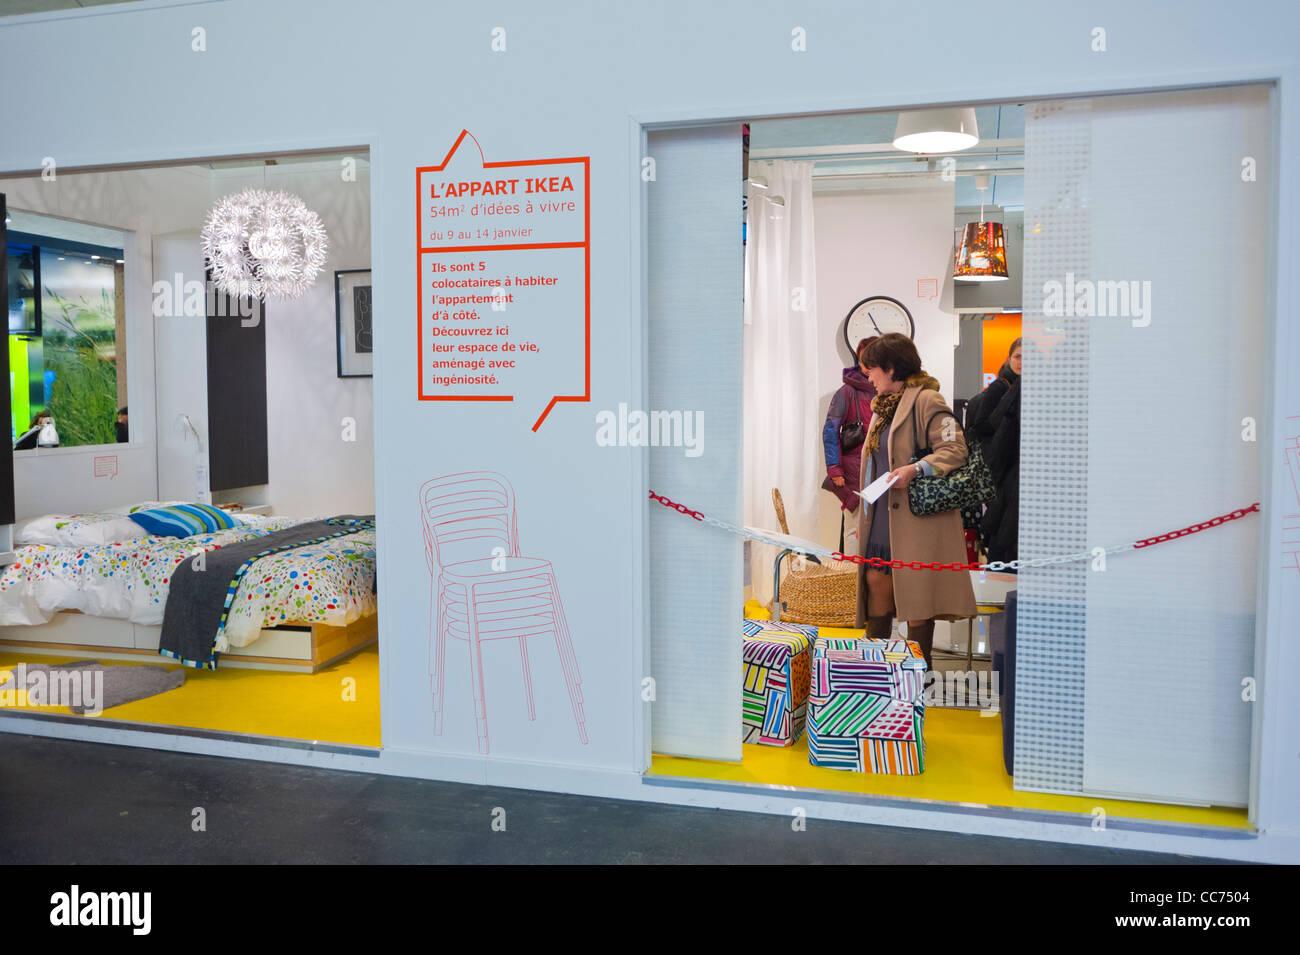 Paris Frankreich Ungewöhnliche Werbung Möbel Einkaufen Ikea